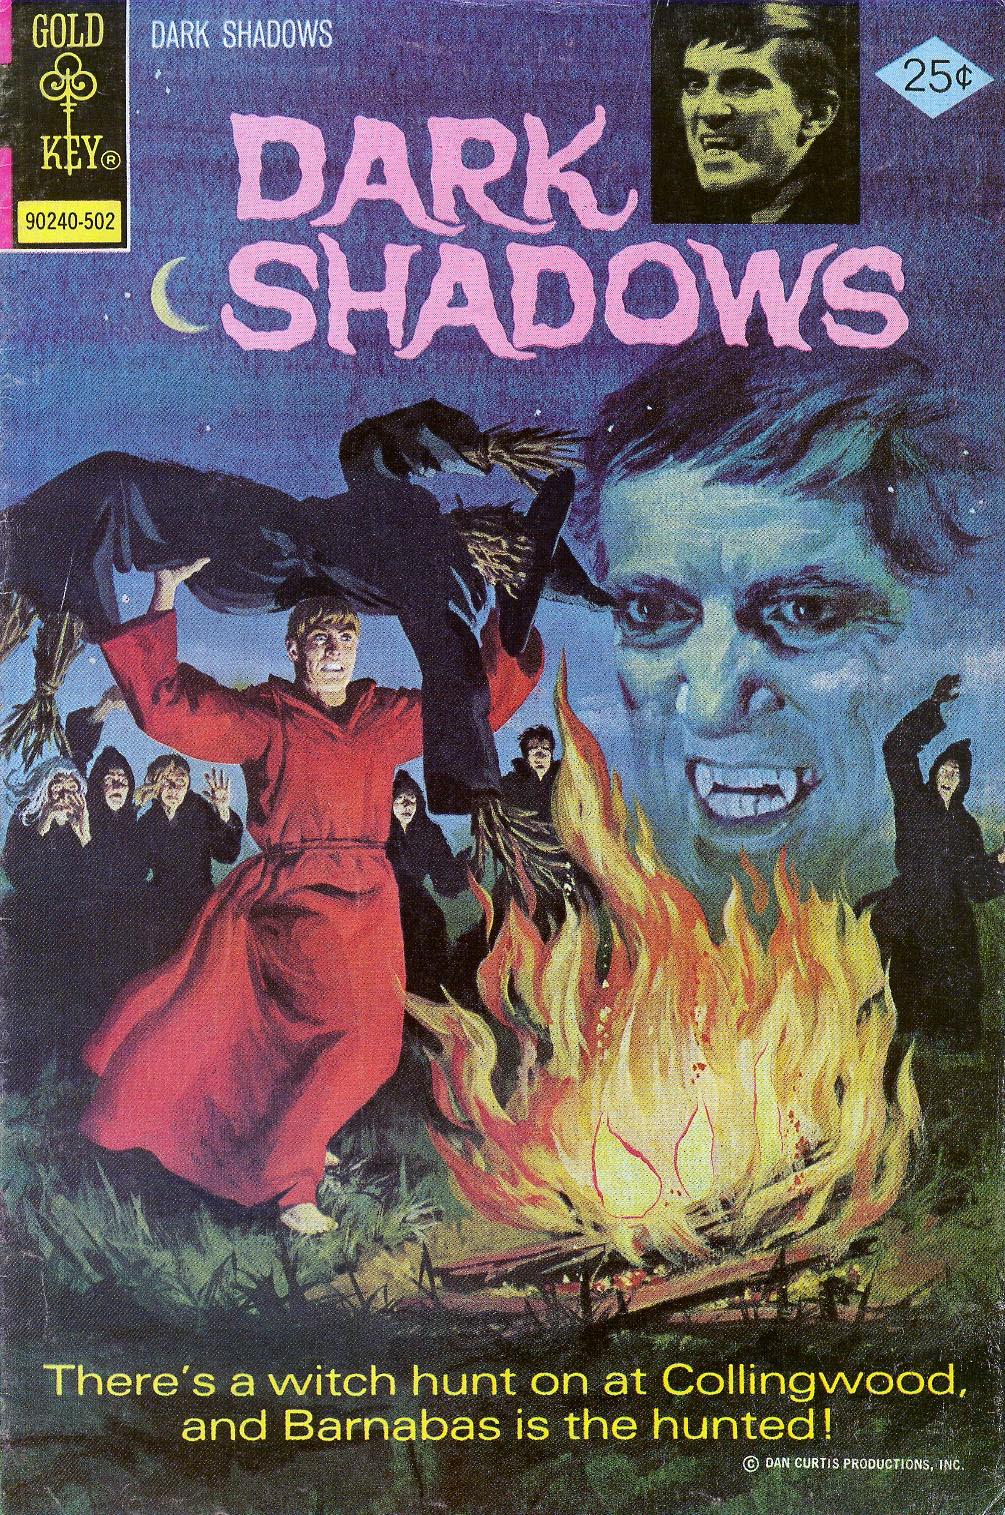 Dark Shadows (1969) issue 30 - Page 1